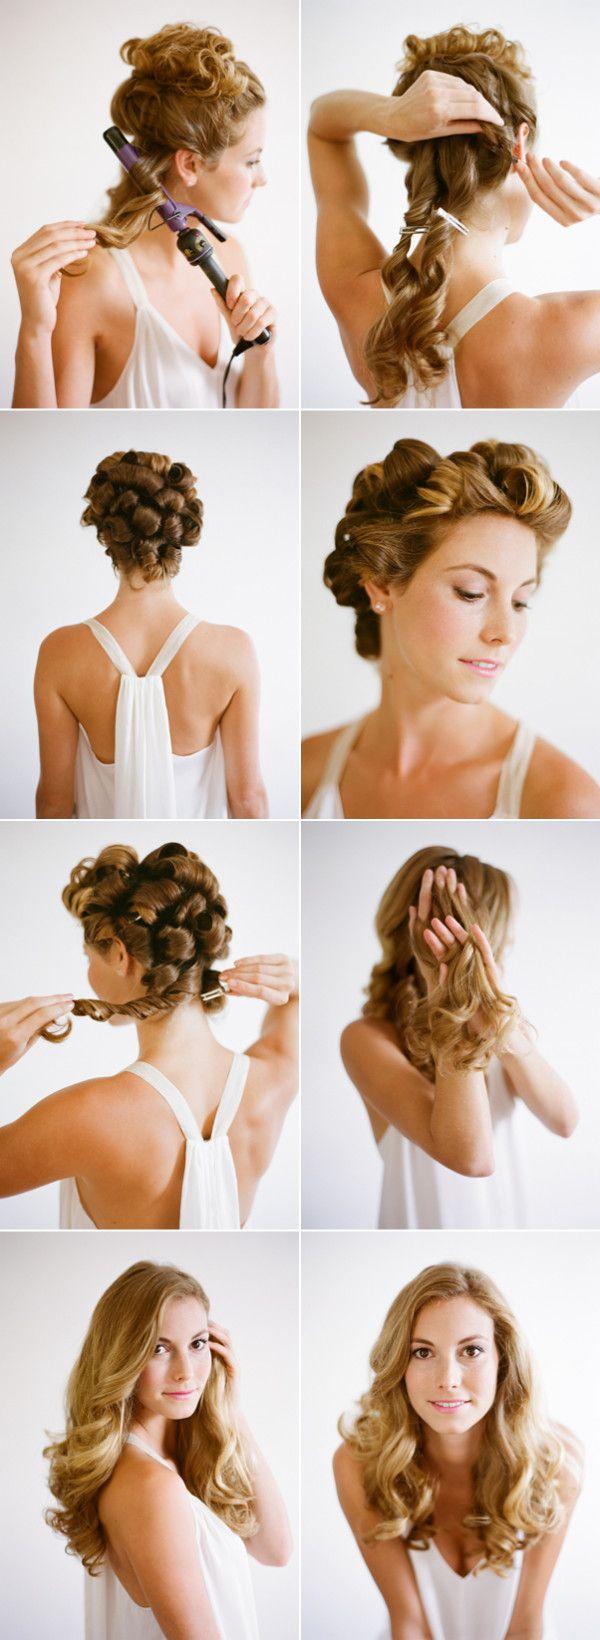 Ako si urobiť prirodzené padnuté vlny? - KAMzaKRÁSOU.sk #kamzakrasou #krasa #tutorial #beauty #diy #health #hair #hairstyle #uces